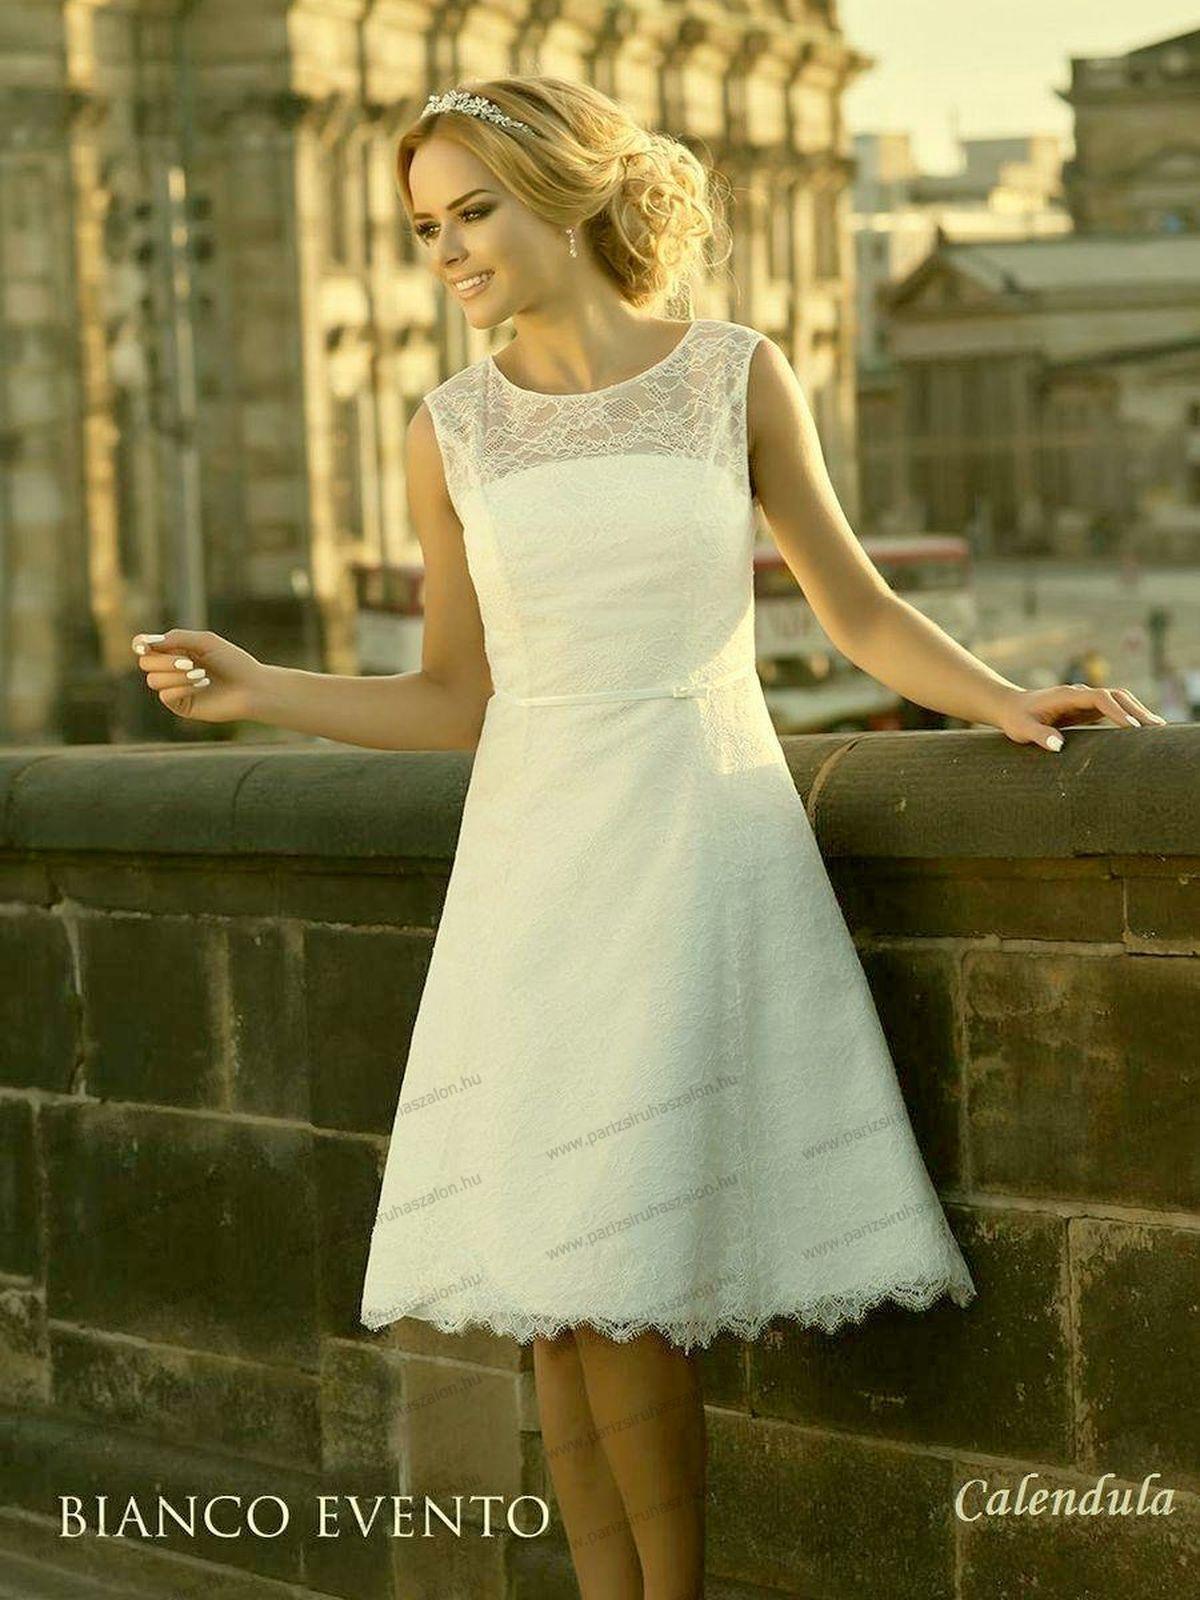 Calendula rövid esküvői ruha 24  3211206051